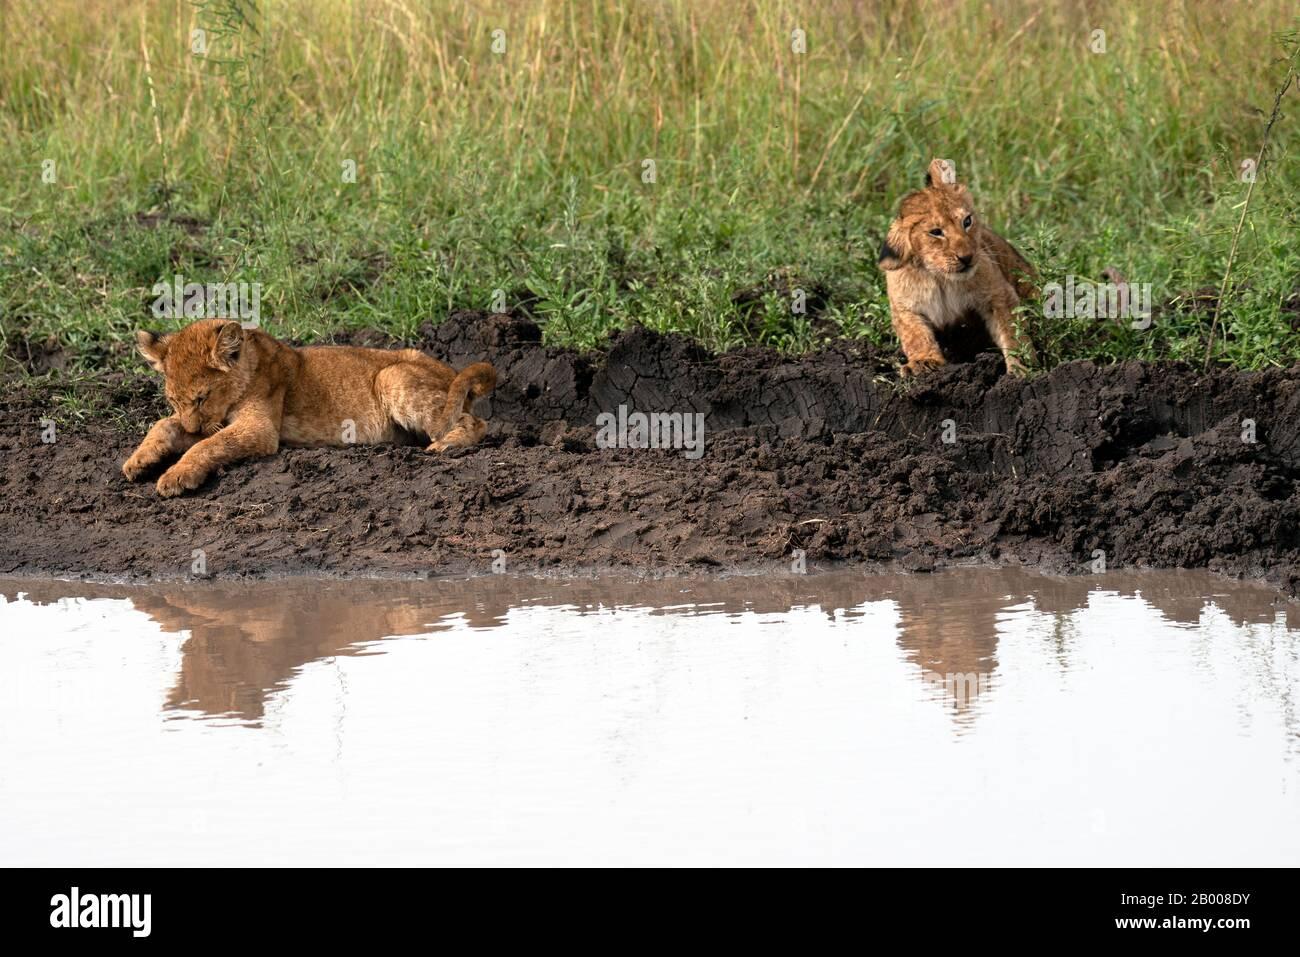 Cachorros de león que bajan para un lavado en el charco Foto de stock